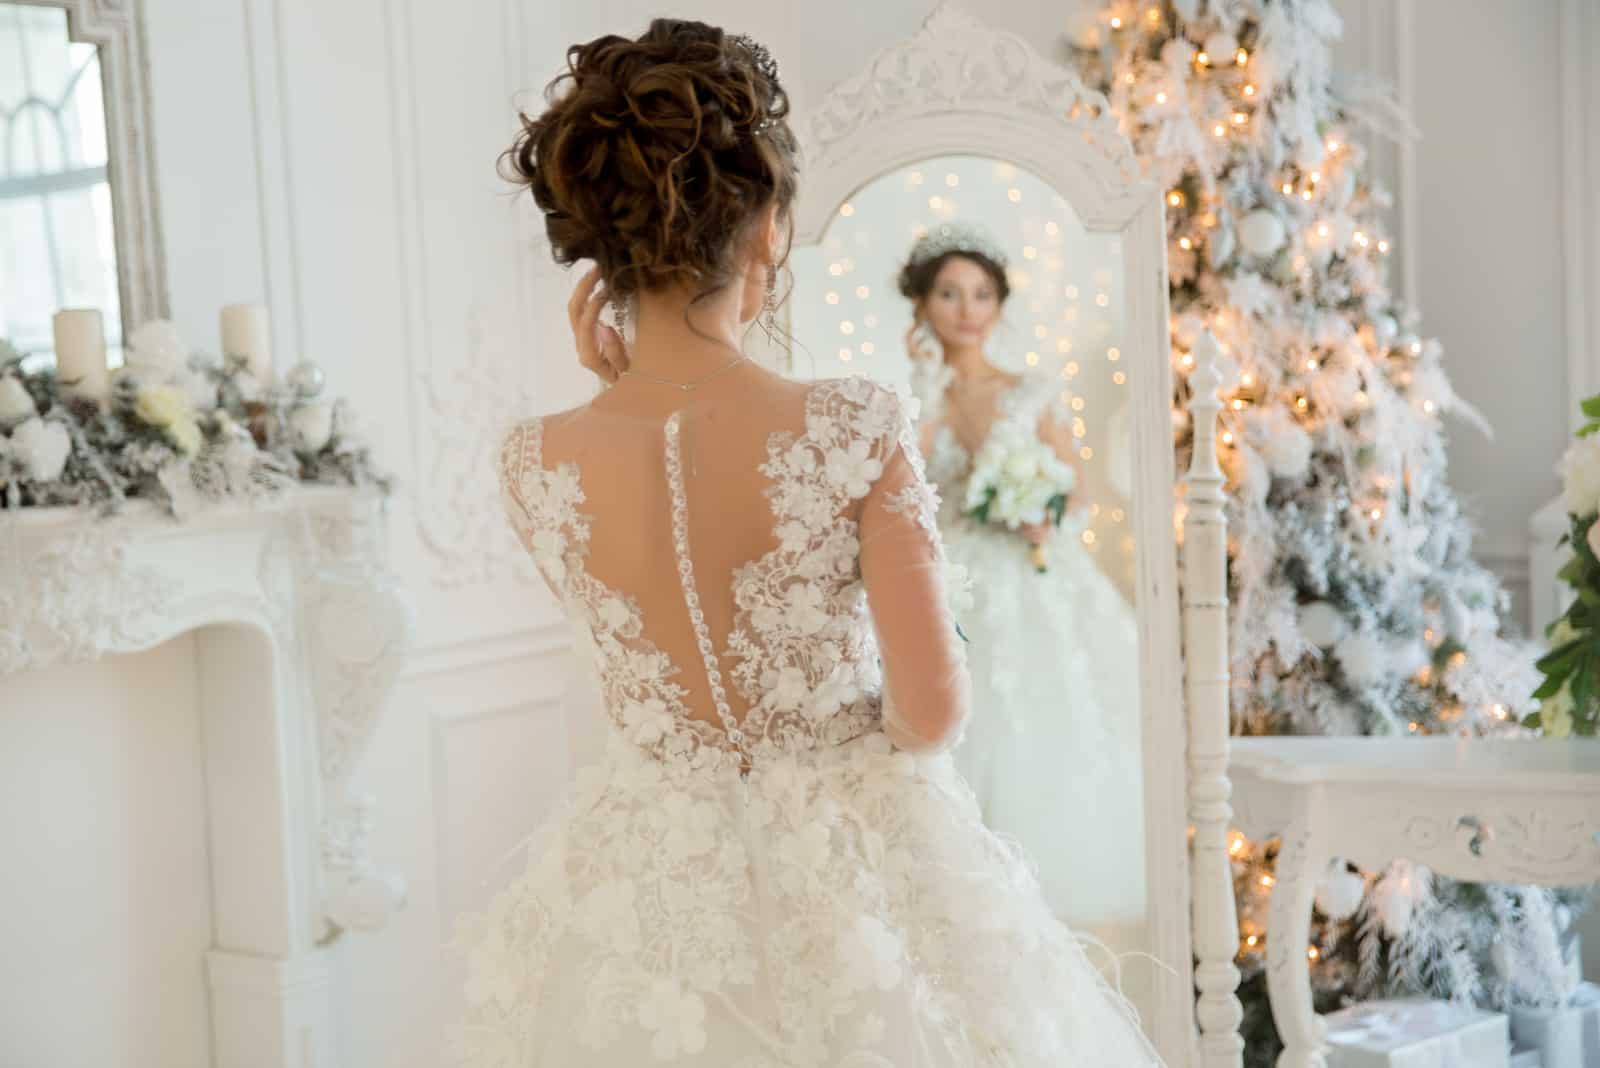 Schöne Braut in einem Hochzeitskleid an einem Spiegel